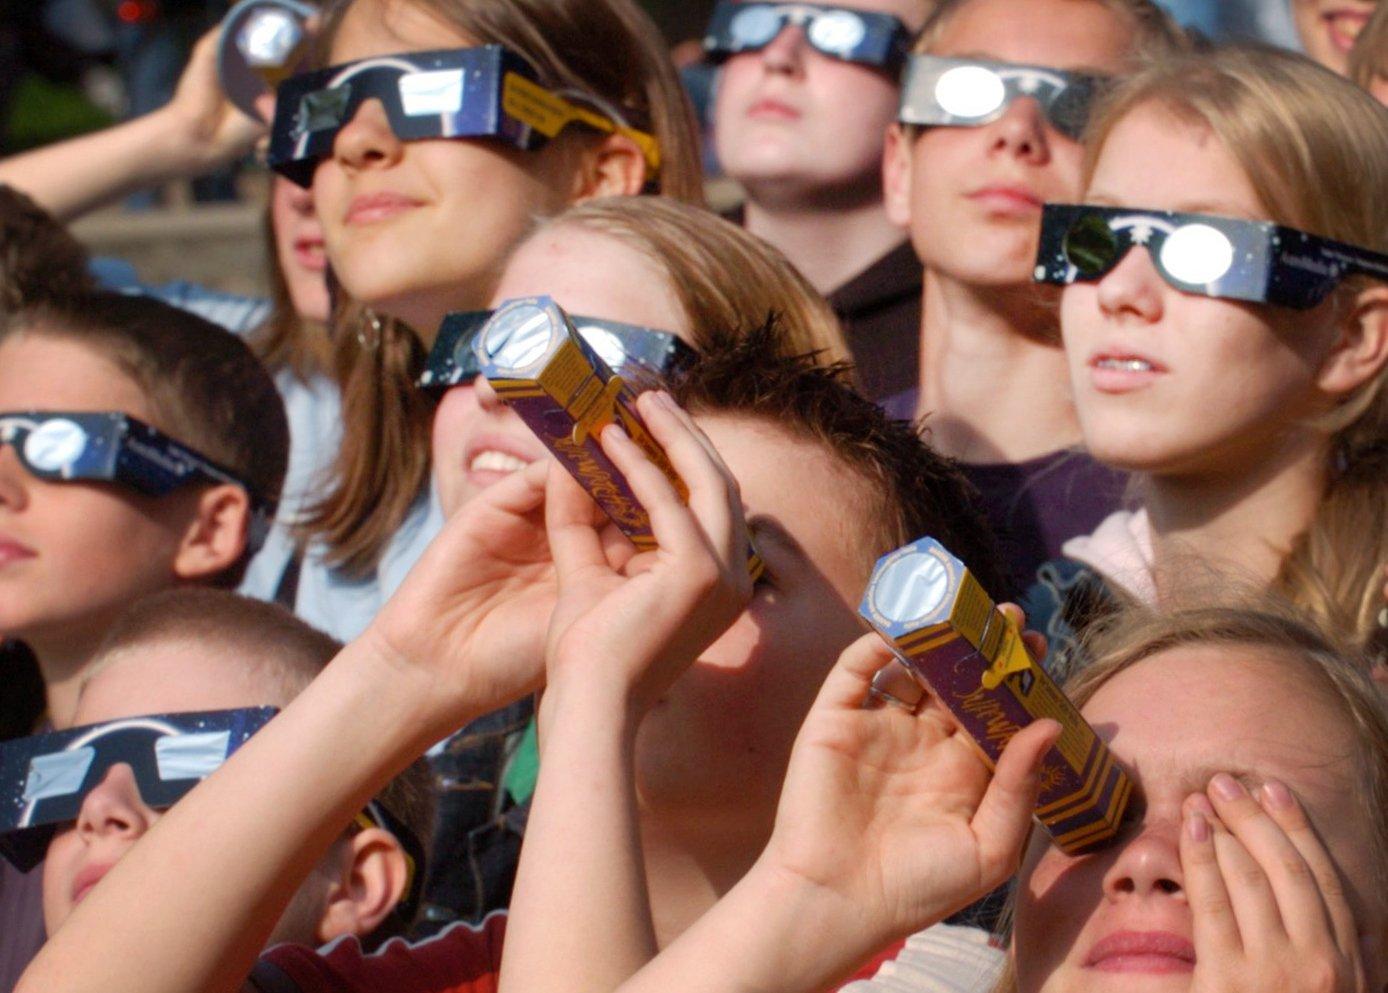 Spezialbrillen sind mittlerweile Mangelware. Experten warnen: Niemals direkt, durch Spiegelreflexkameras oder Feldstecher in die Sonne blicken. Das kann irreparable Augenschäden verursachen.